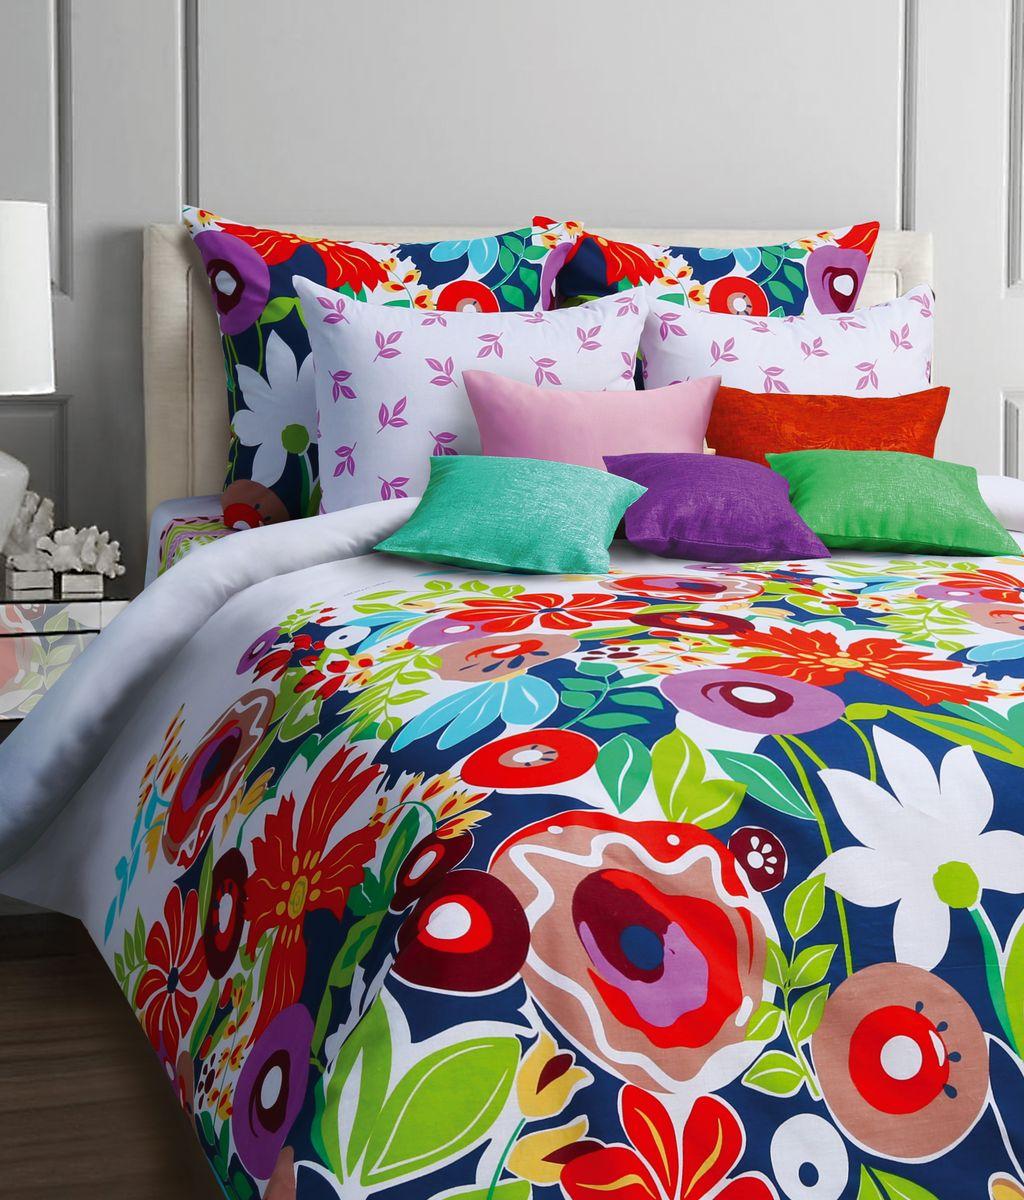 Комплект белья Mona Liza Pampiny, евро, наволочки 70x70, цвет: бордовый552109/28Коллекция постельного белья MONA LIZA Classic поражает многообразием дизайнов. Среди них легко подобрать необходимый рисунок, который создаст в доме уют. Комплекты выполнены из бязи 100 % хлопка.